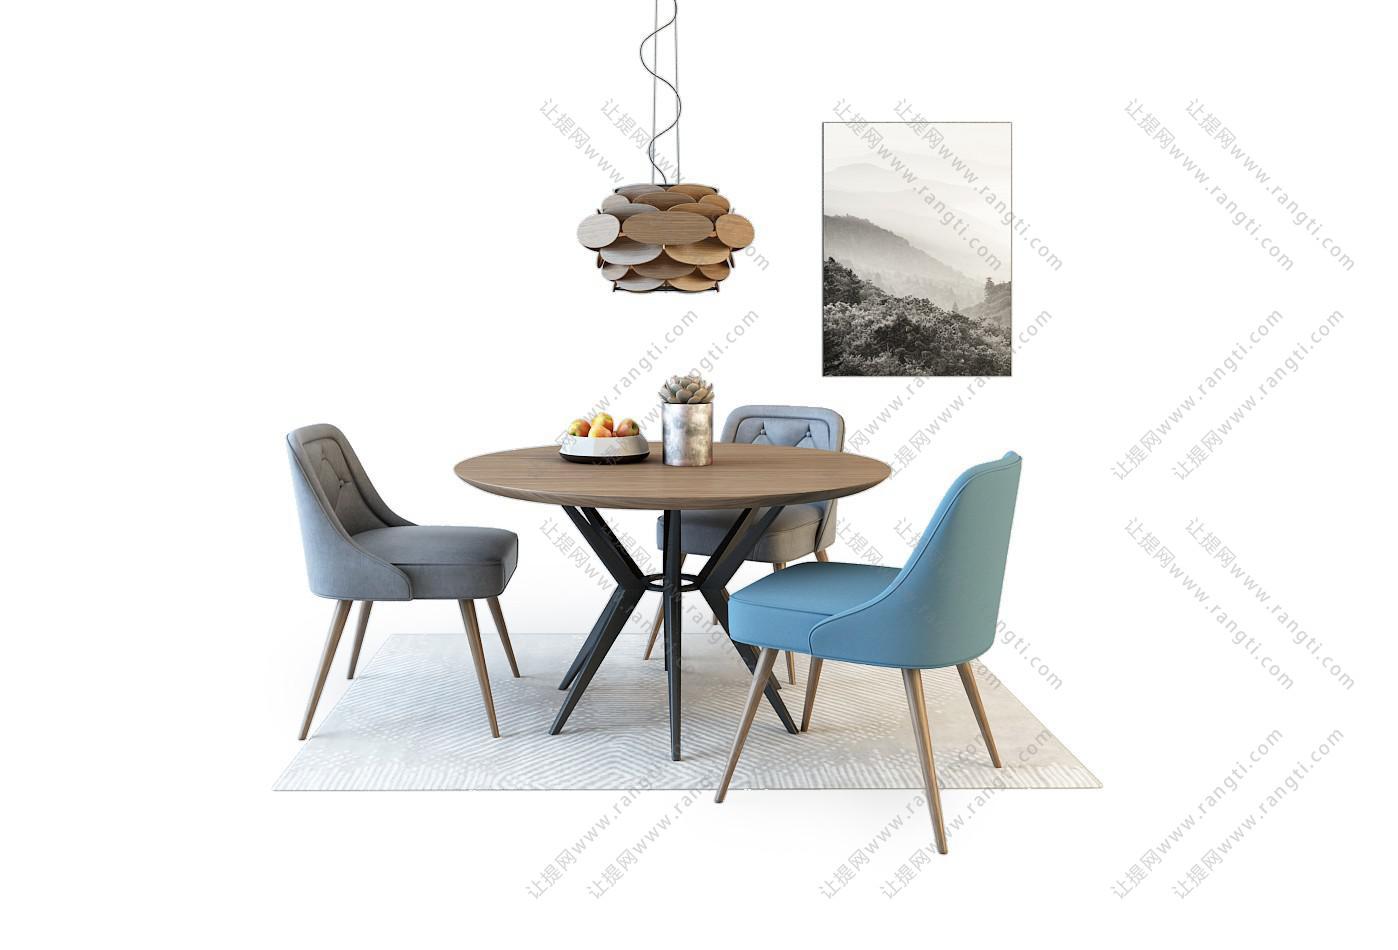 北欧实木圆形餐桌椅组合3D模型